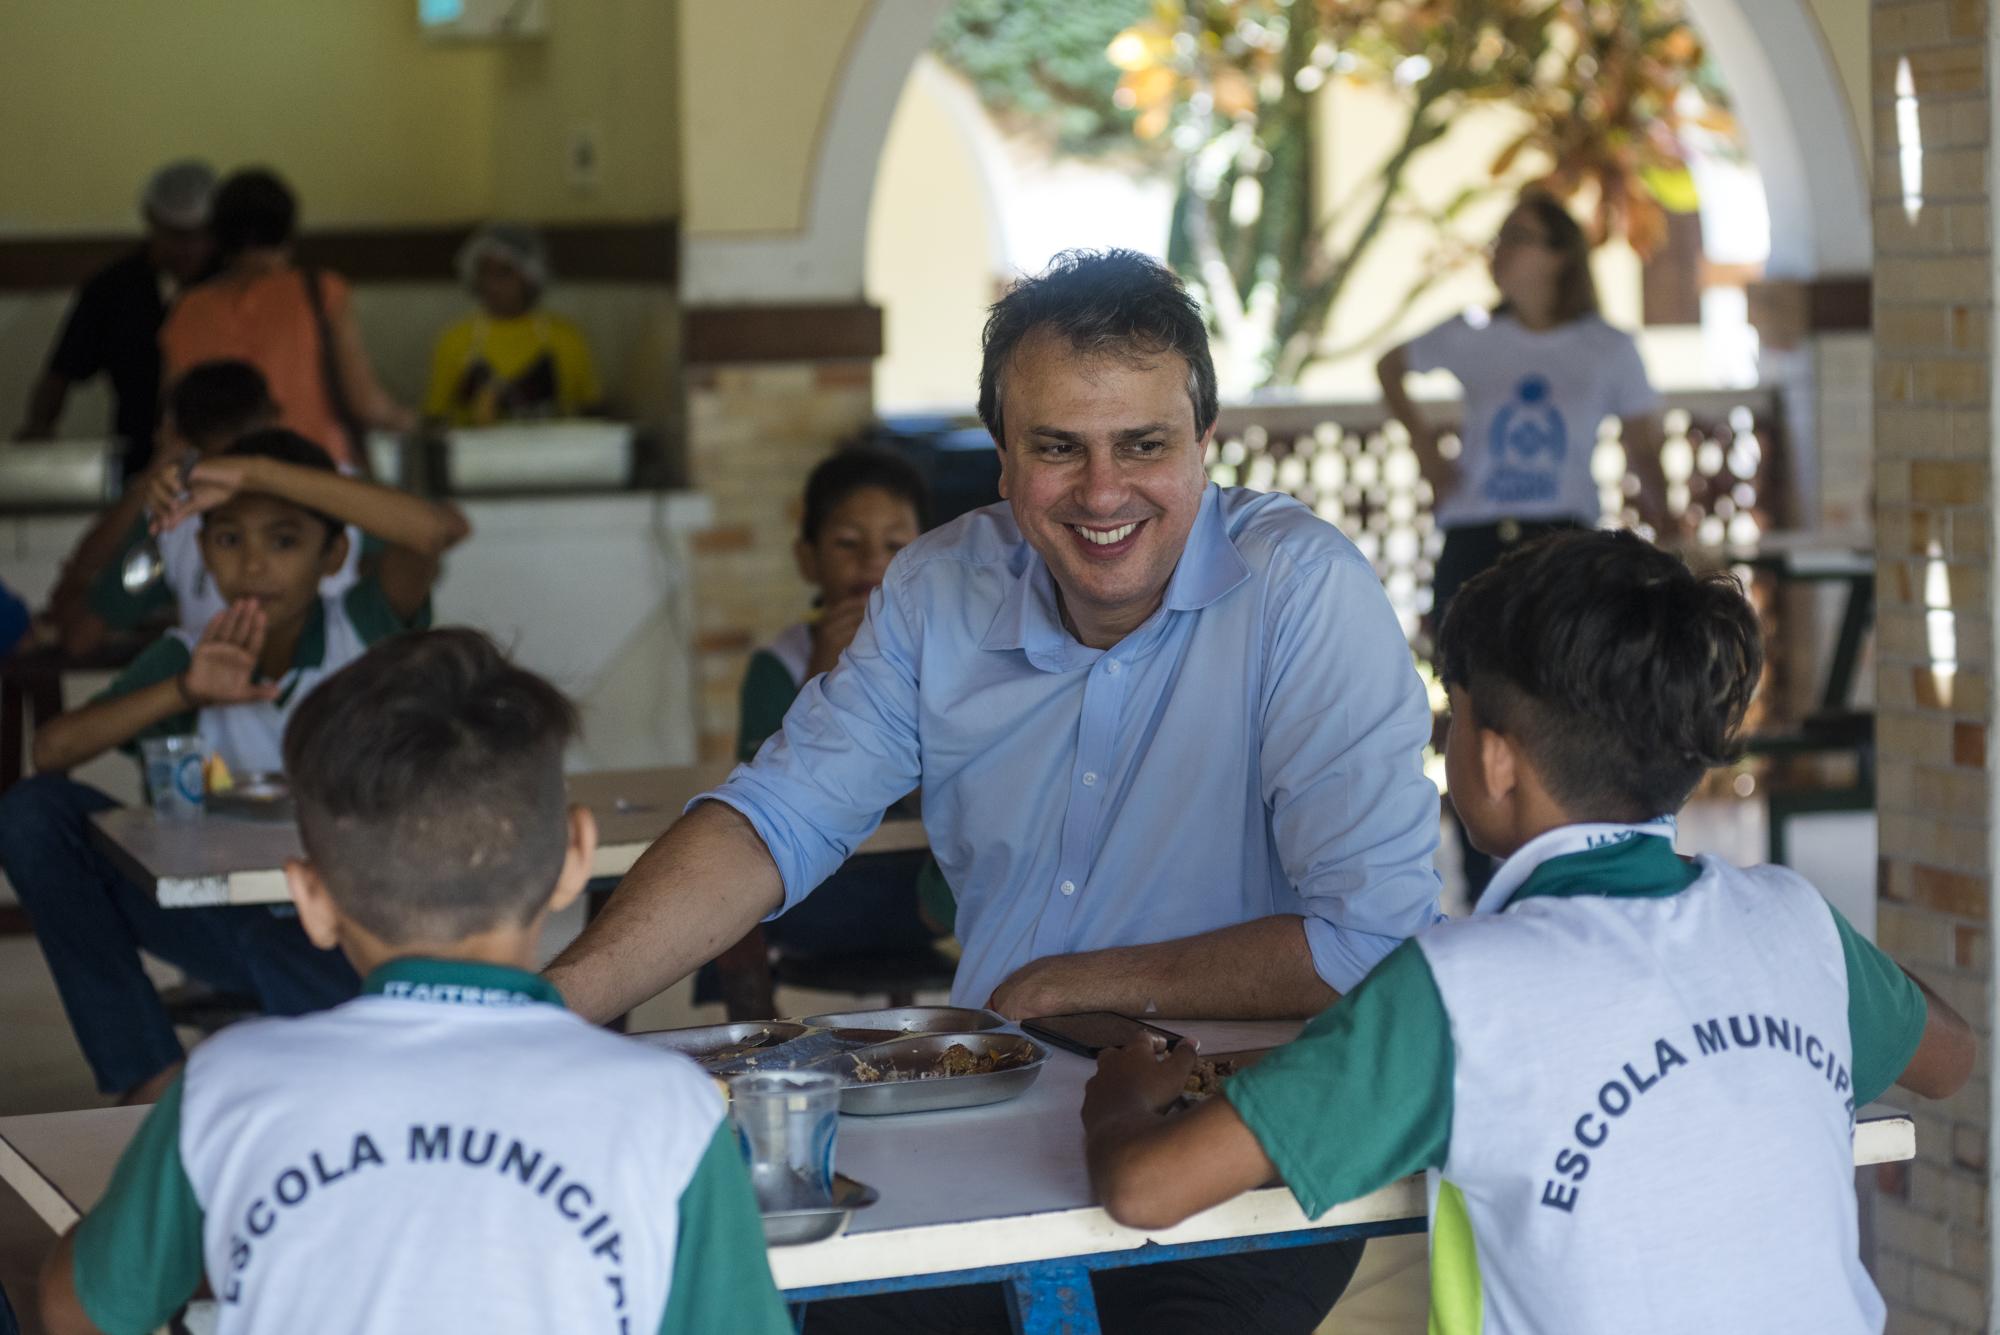 Durante a visita, o chefe do Executivo recebeu homenagem das crianças acolhidas e assinou Projeto de Lei que autoriza o repasse de R$ 1 milhão para a manutenção do espaço